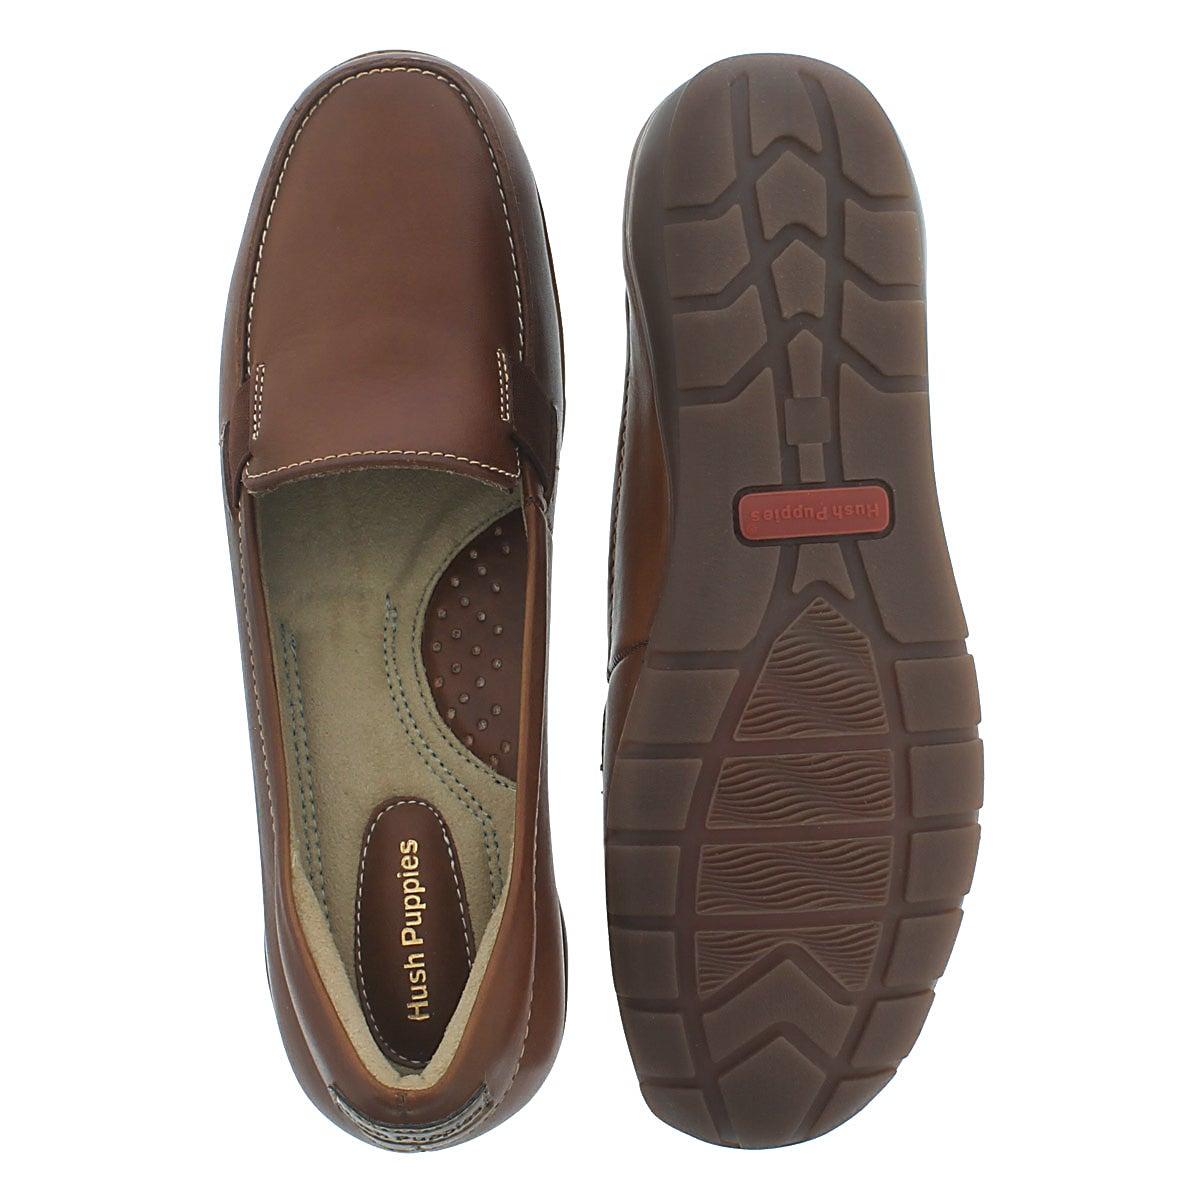 Lds Tilly Dandy tan slip on casual shoe